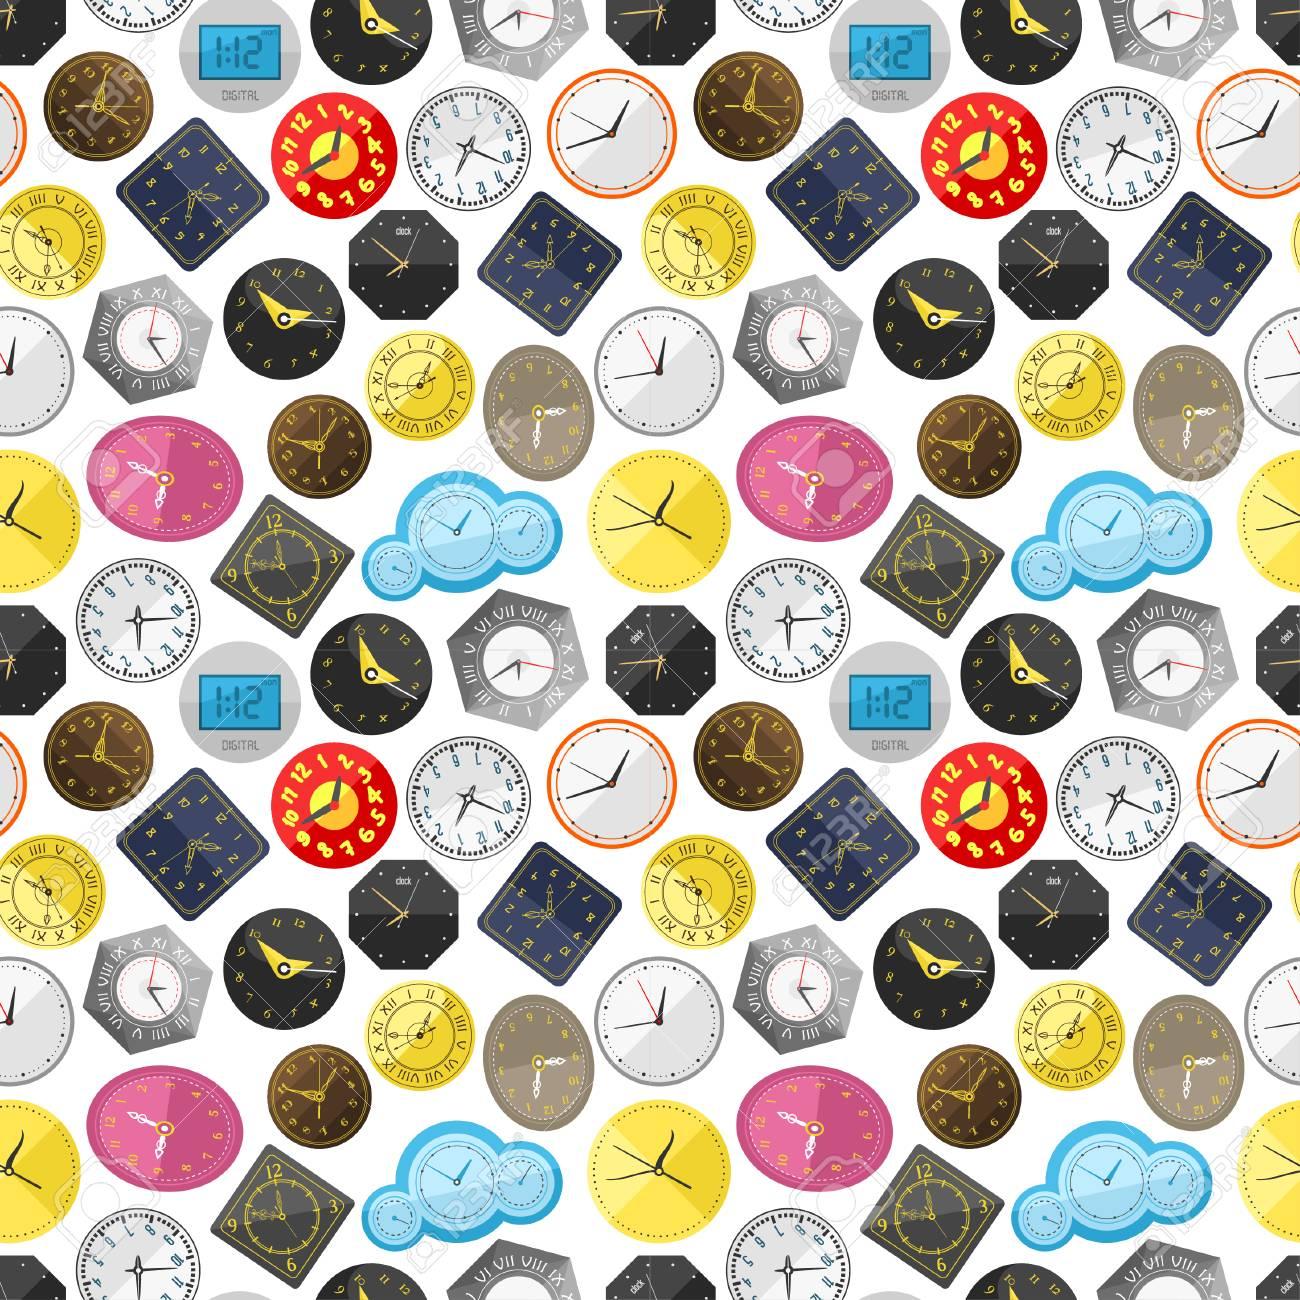 Time background illustration. - 69017546